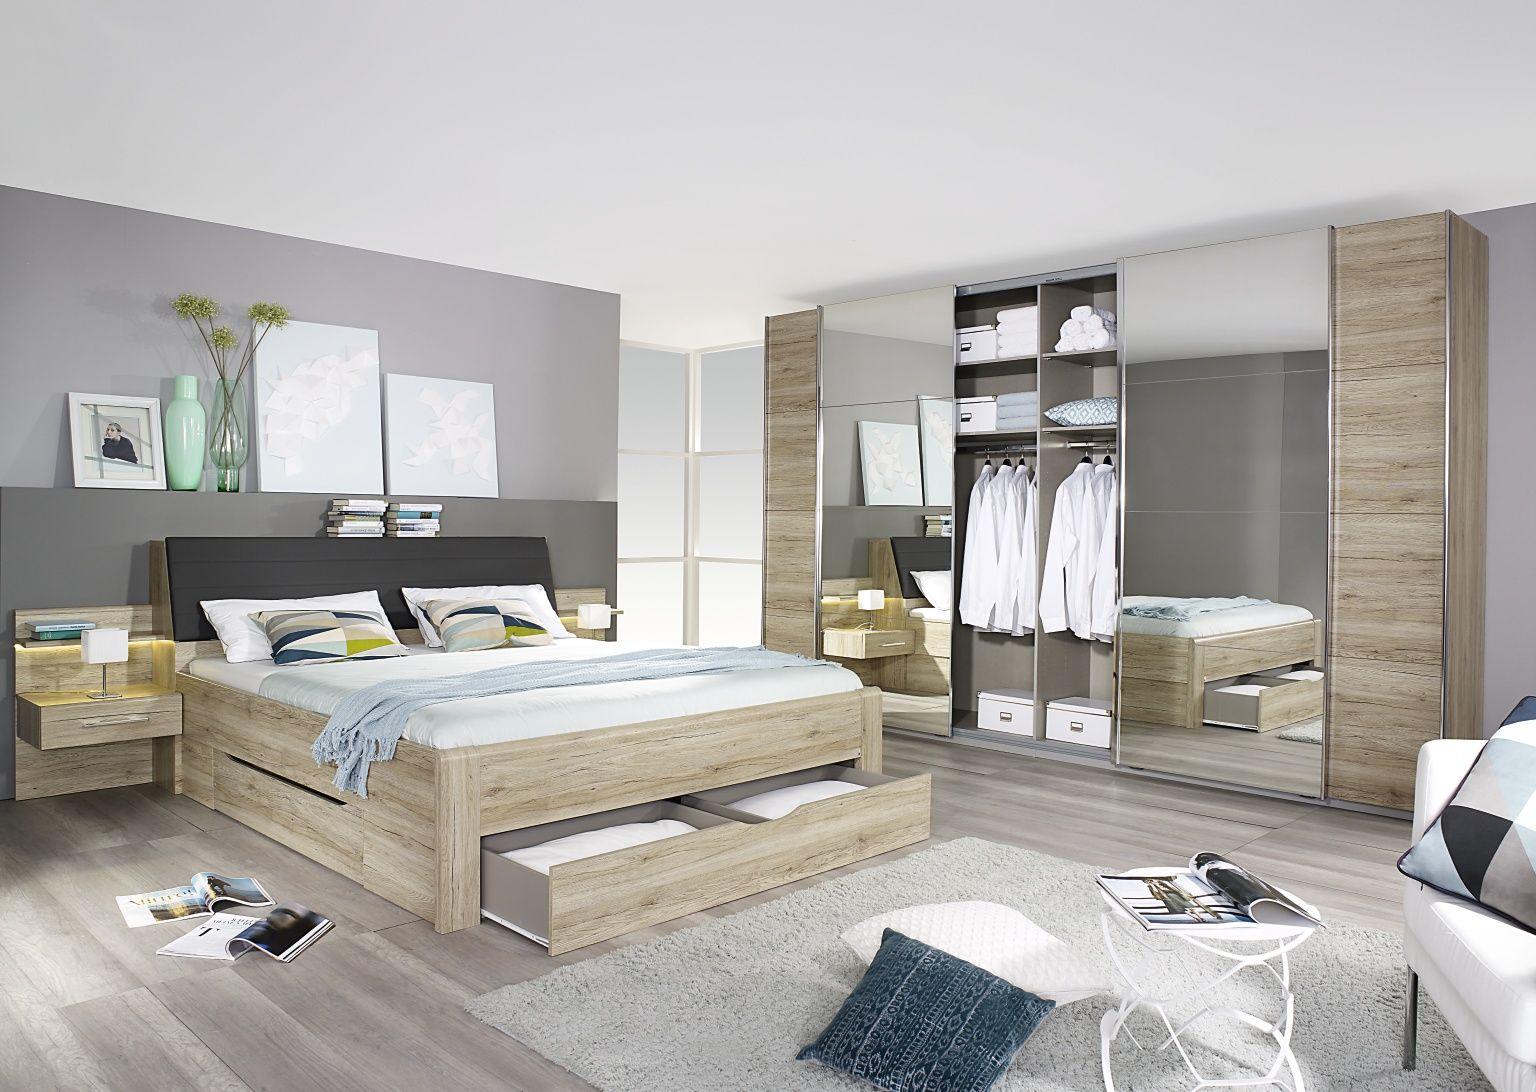 Bensheim Schlafzimmer Komplett Mit Bett Schrank Von Rauch Pack S Schlafzimmer Einrichten Zimmer Schlafzimmer Einrichten Ideen